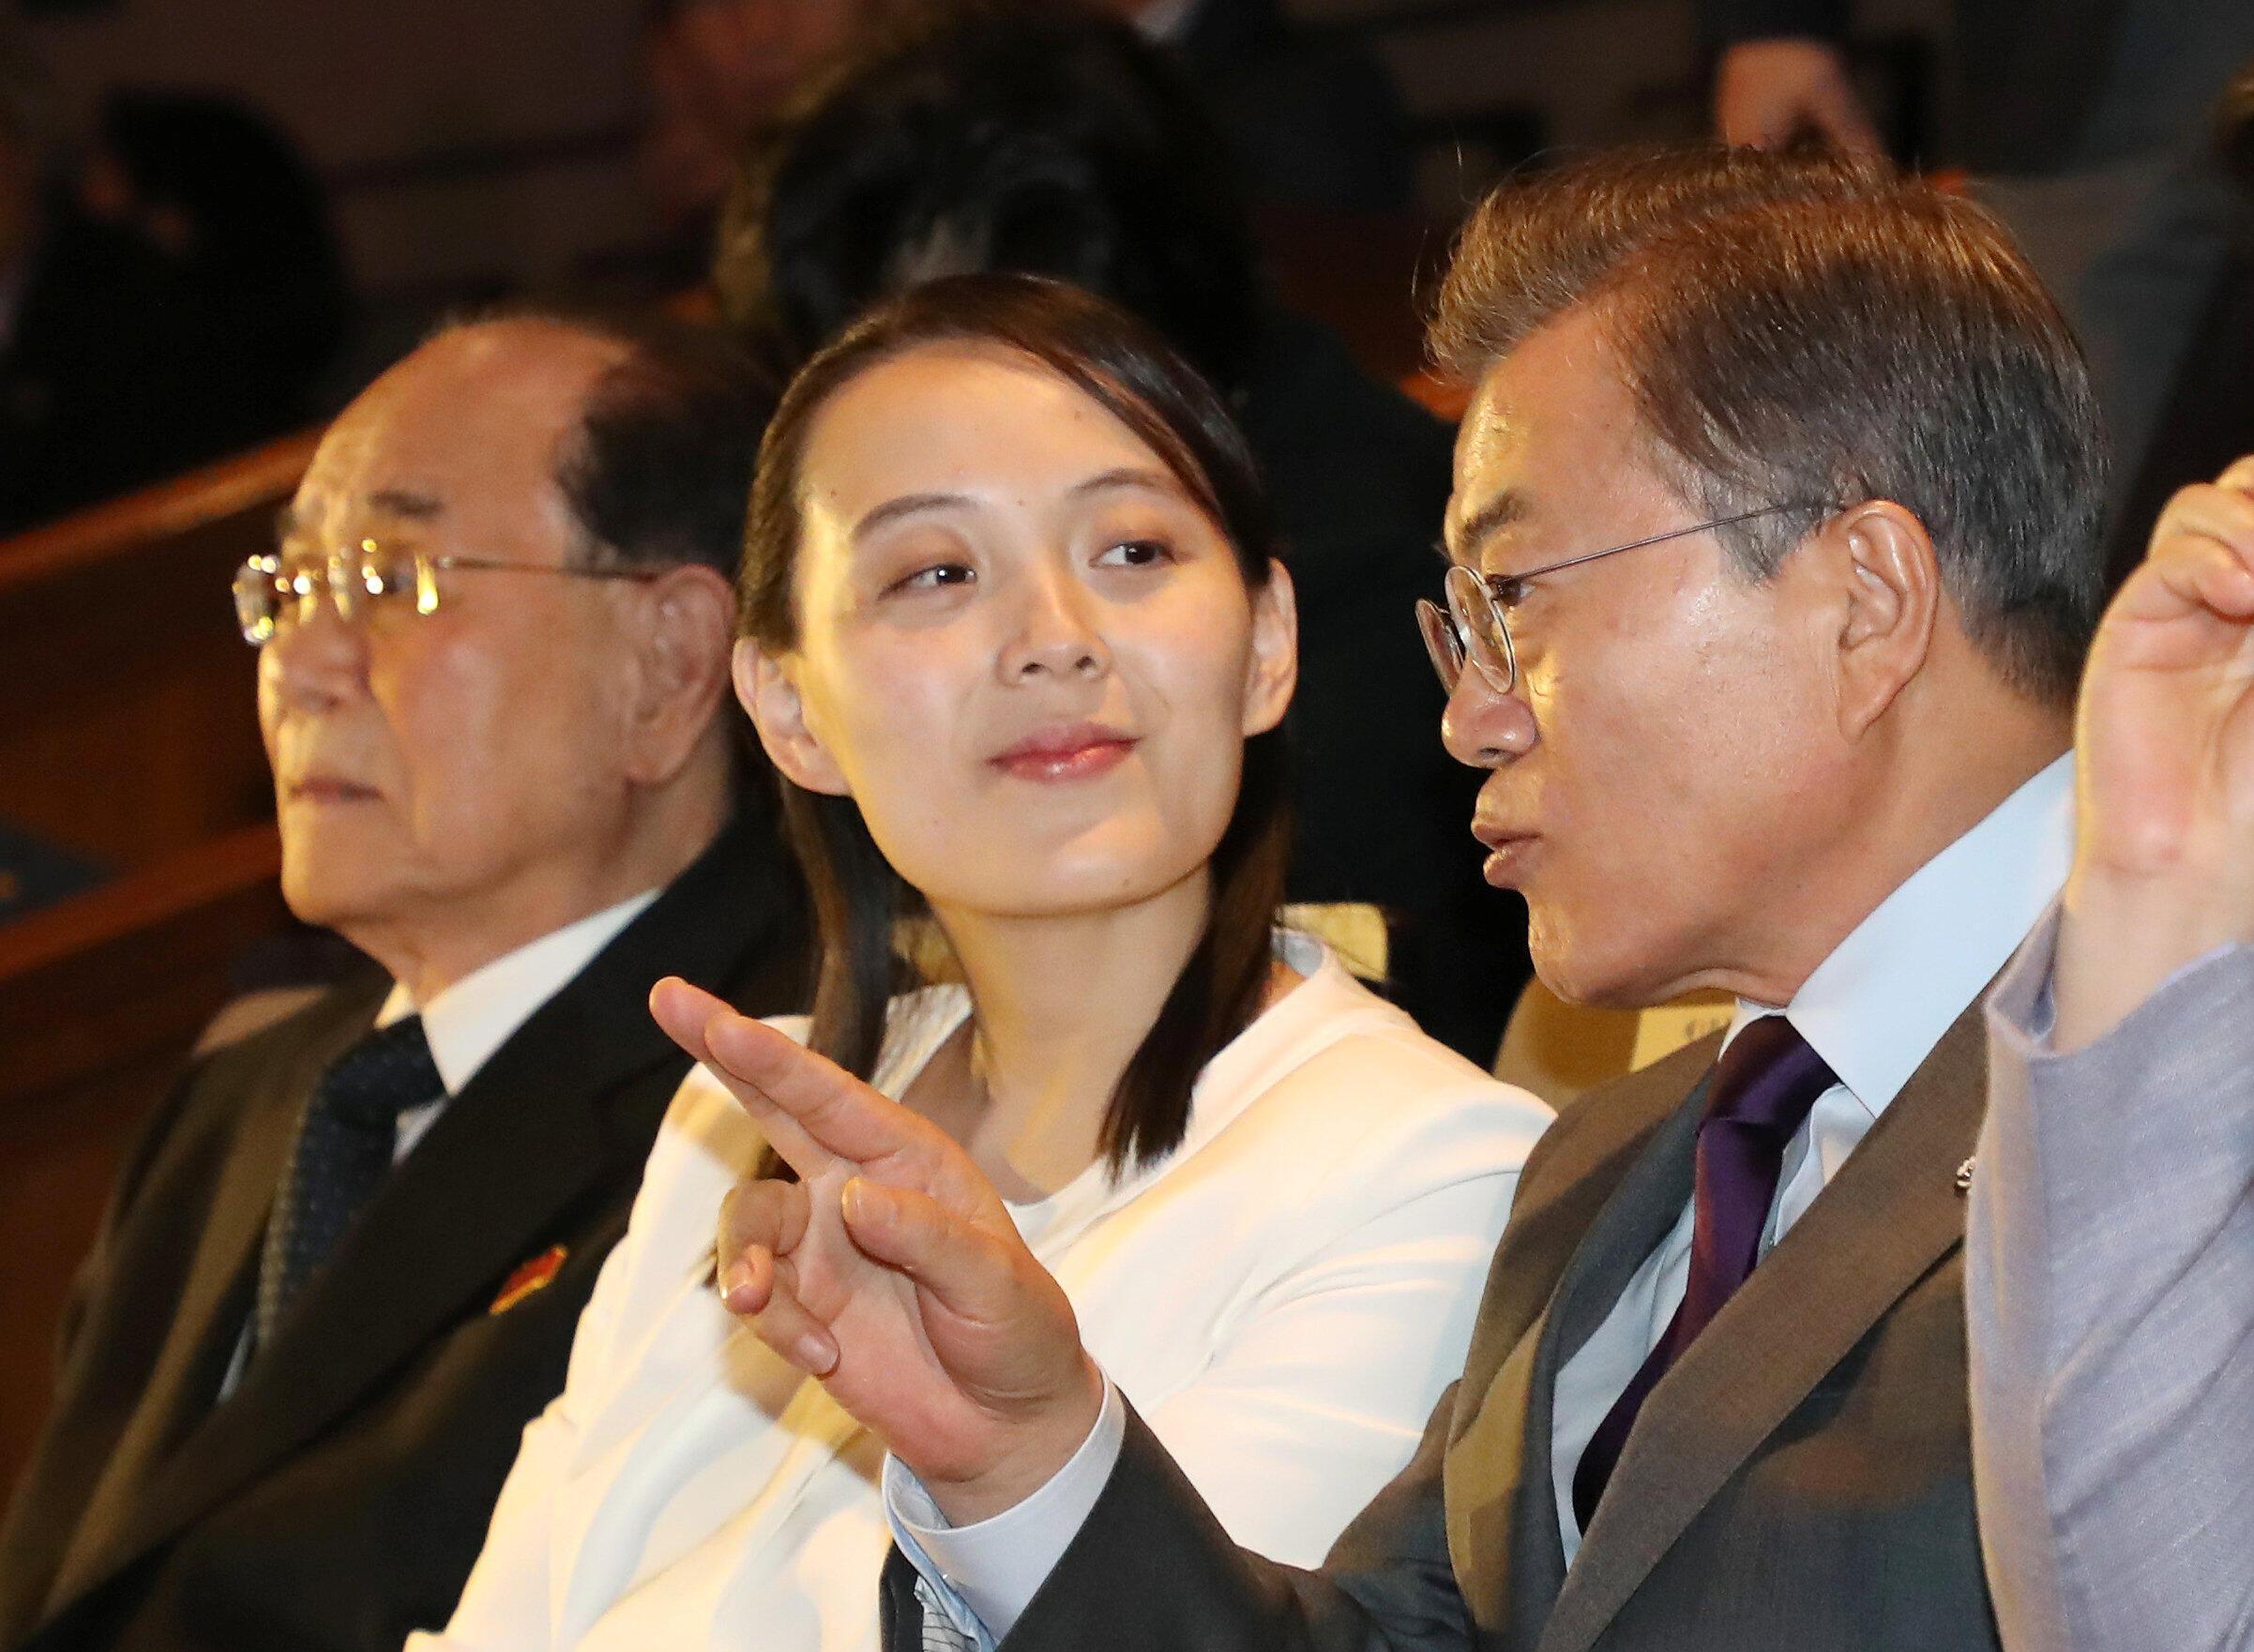 韩国总统文在寅 (右) 2月11日陪同金与正 (中) 与金永南 (左) 在首尔观看朝鲜乐团演出